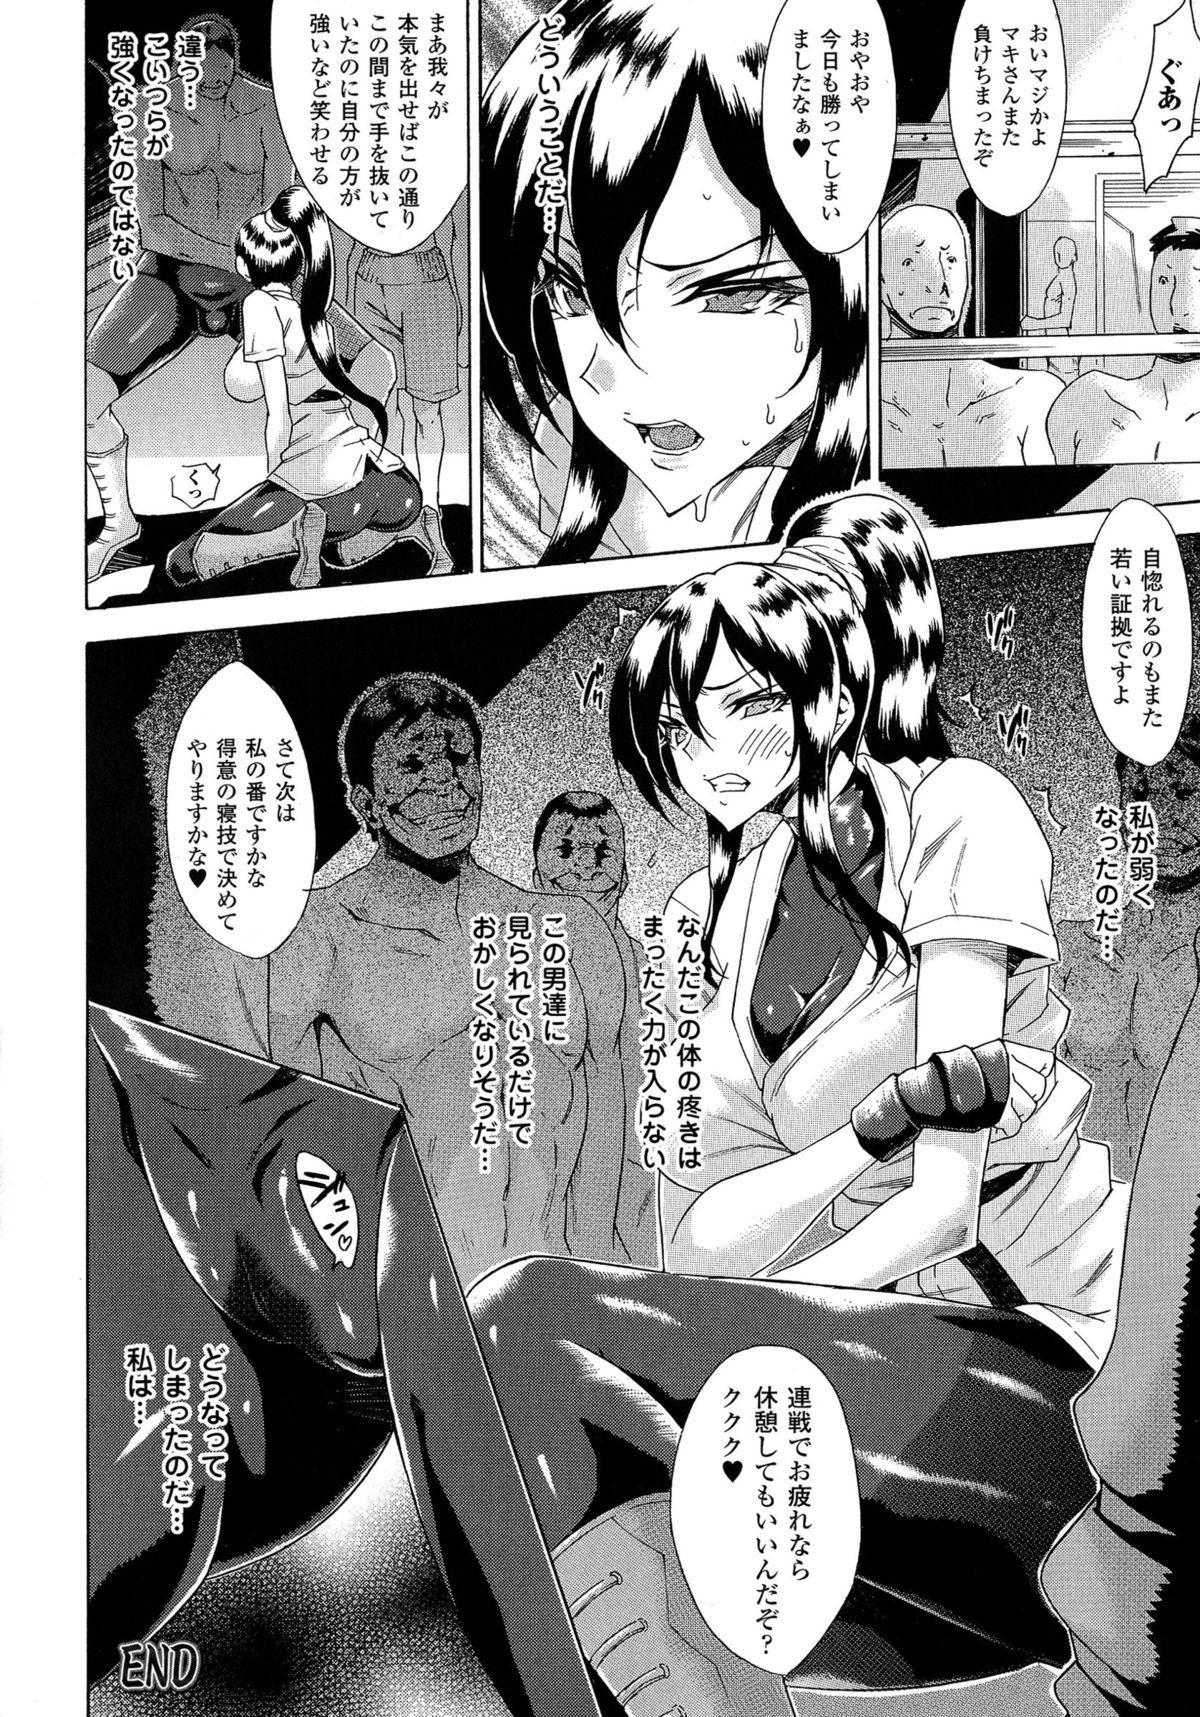 Kachiki na Onna ga Buzama na Ahegao o Sarasu made 159